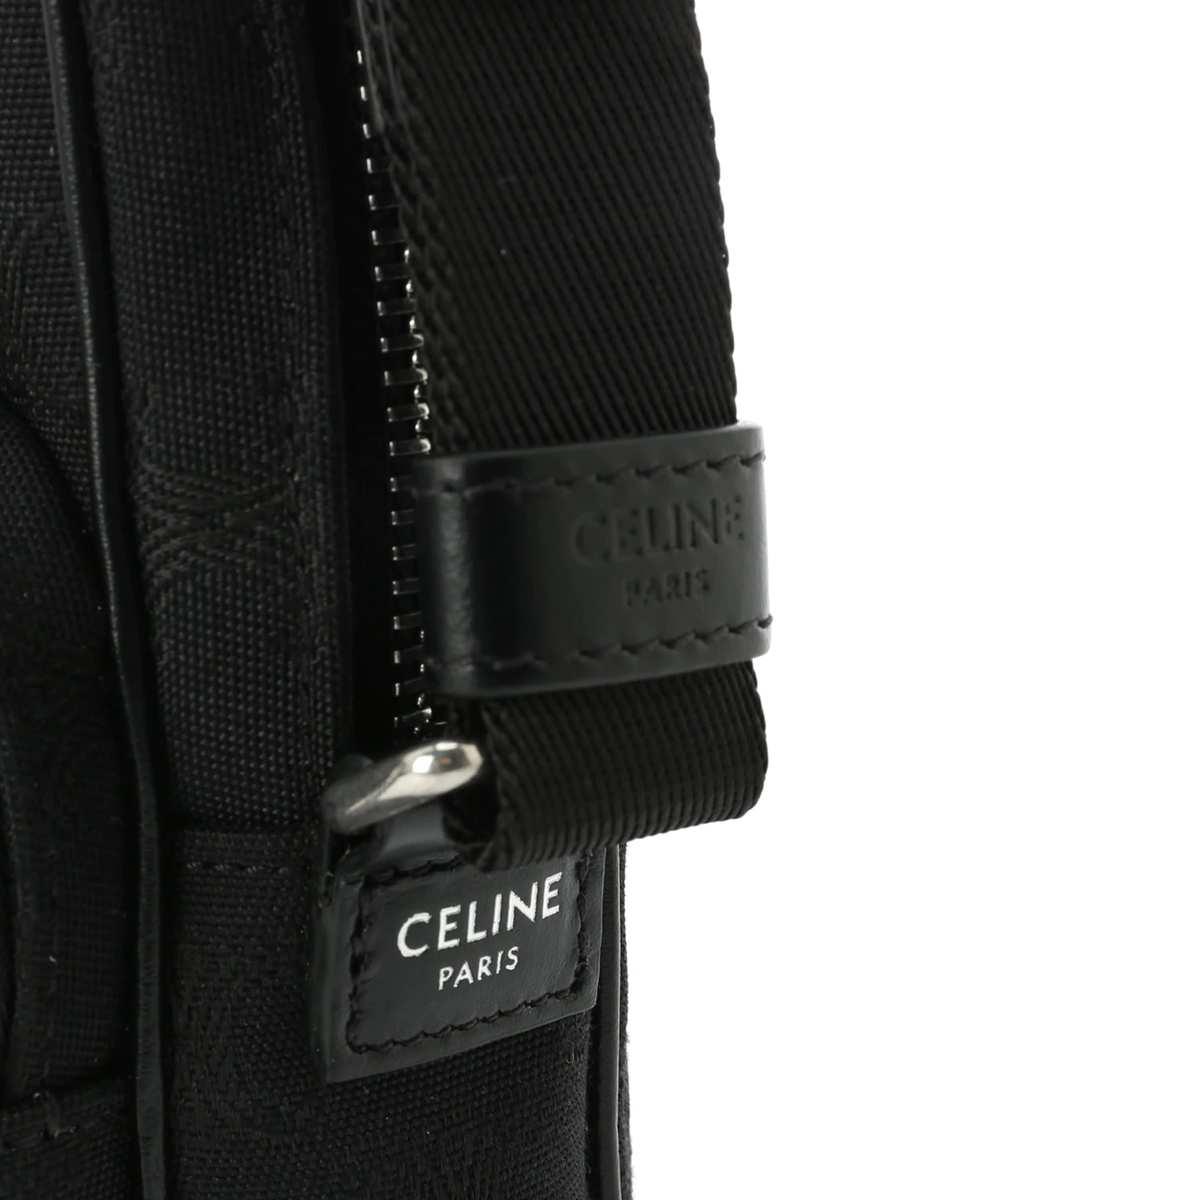 【大感謝祭】CELINE セリーヌ クロスボディバッグ/MINI POCKET メンズ